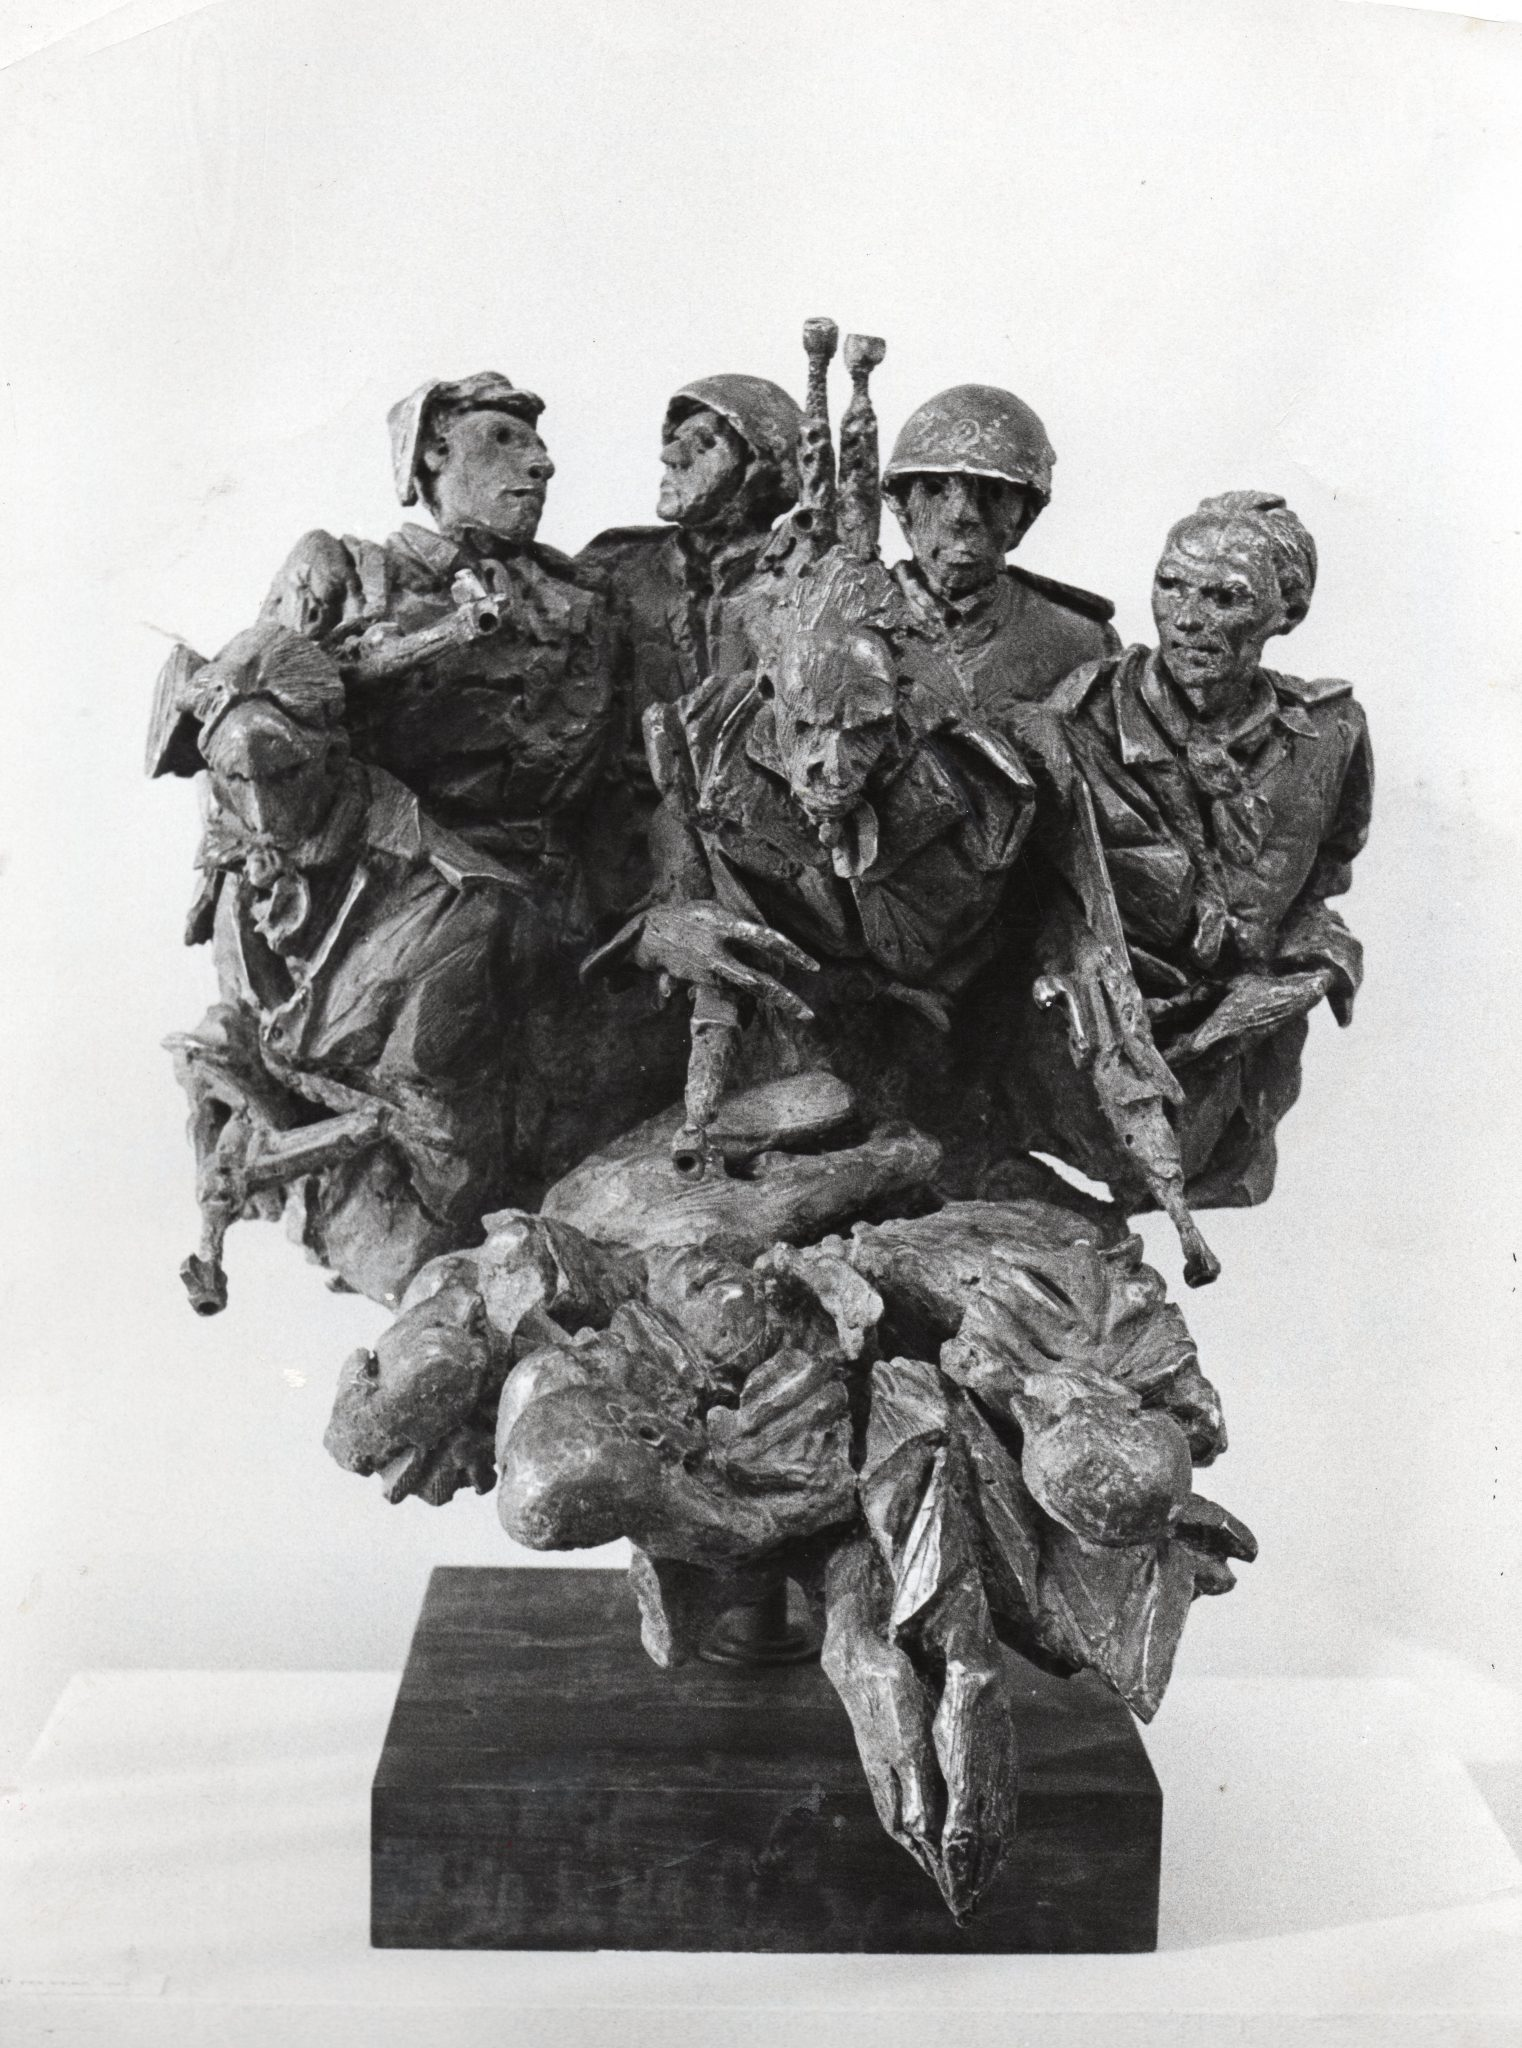 Floriano Bodini, La Guerra 1963, bronzo, 76x68x55, foto Pepi Merisio